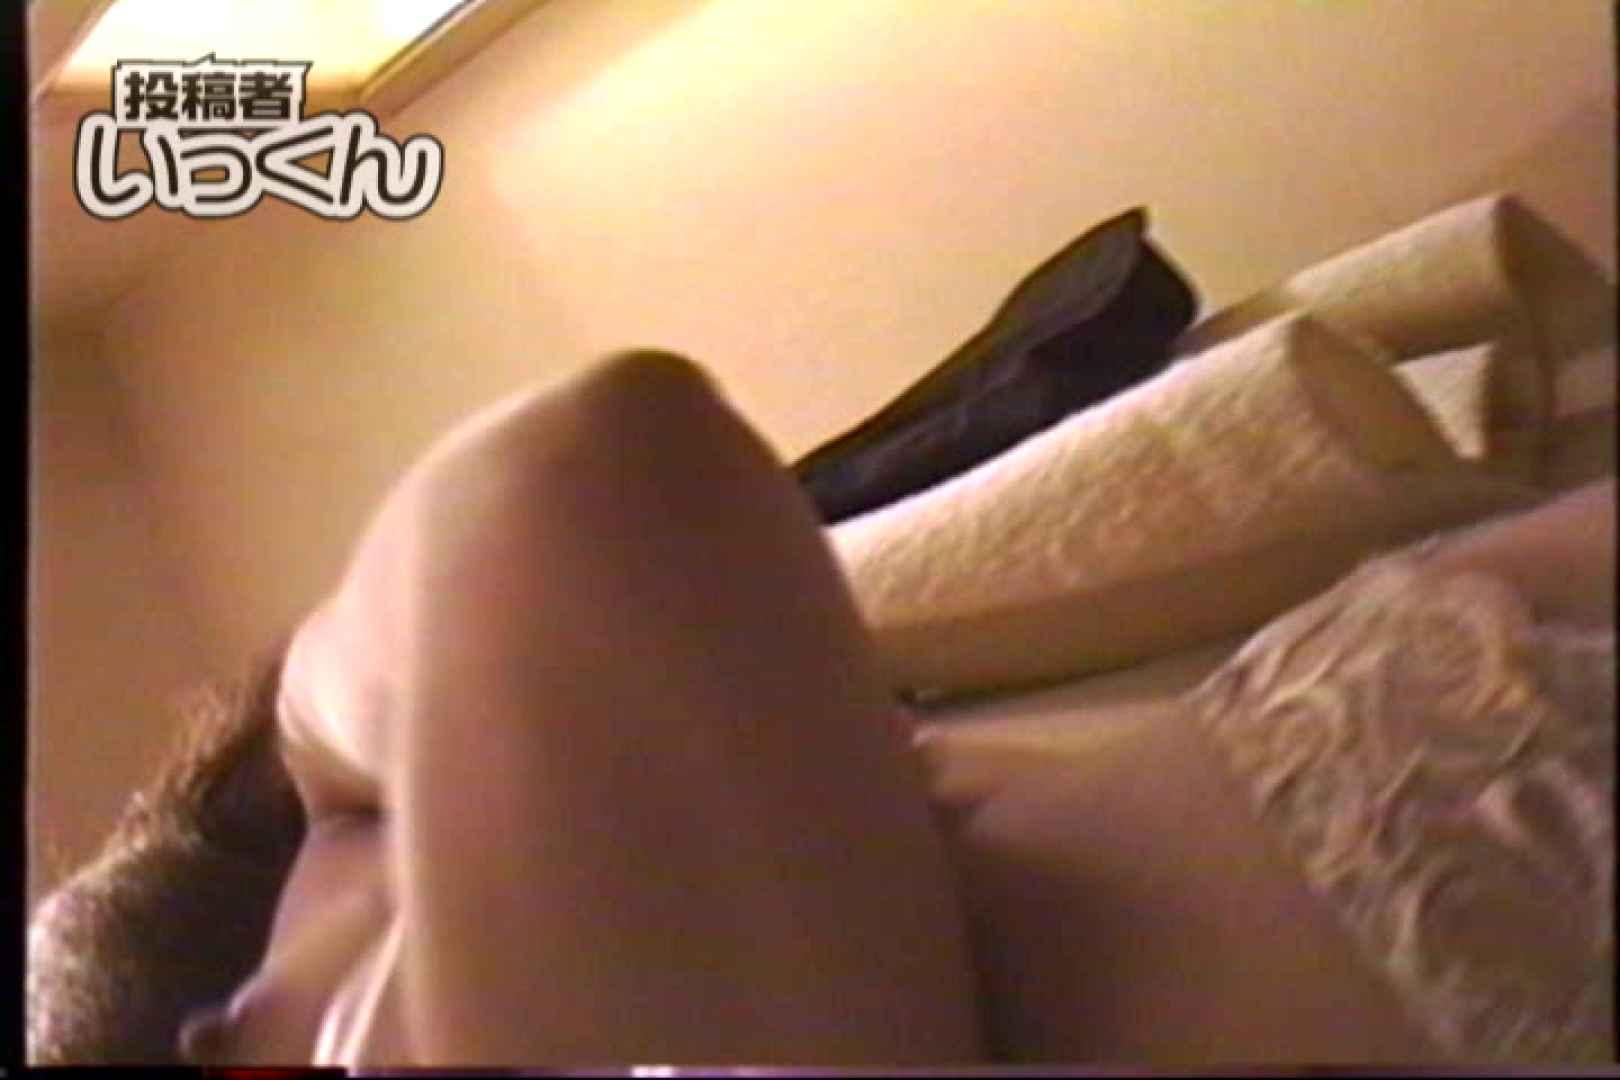 調教師いっくんの フリーター20歳みな2回戦目 超エロギャル エロ無料画像 83枚 7